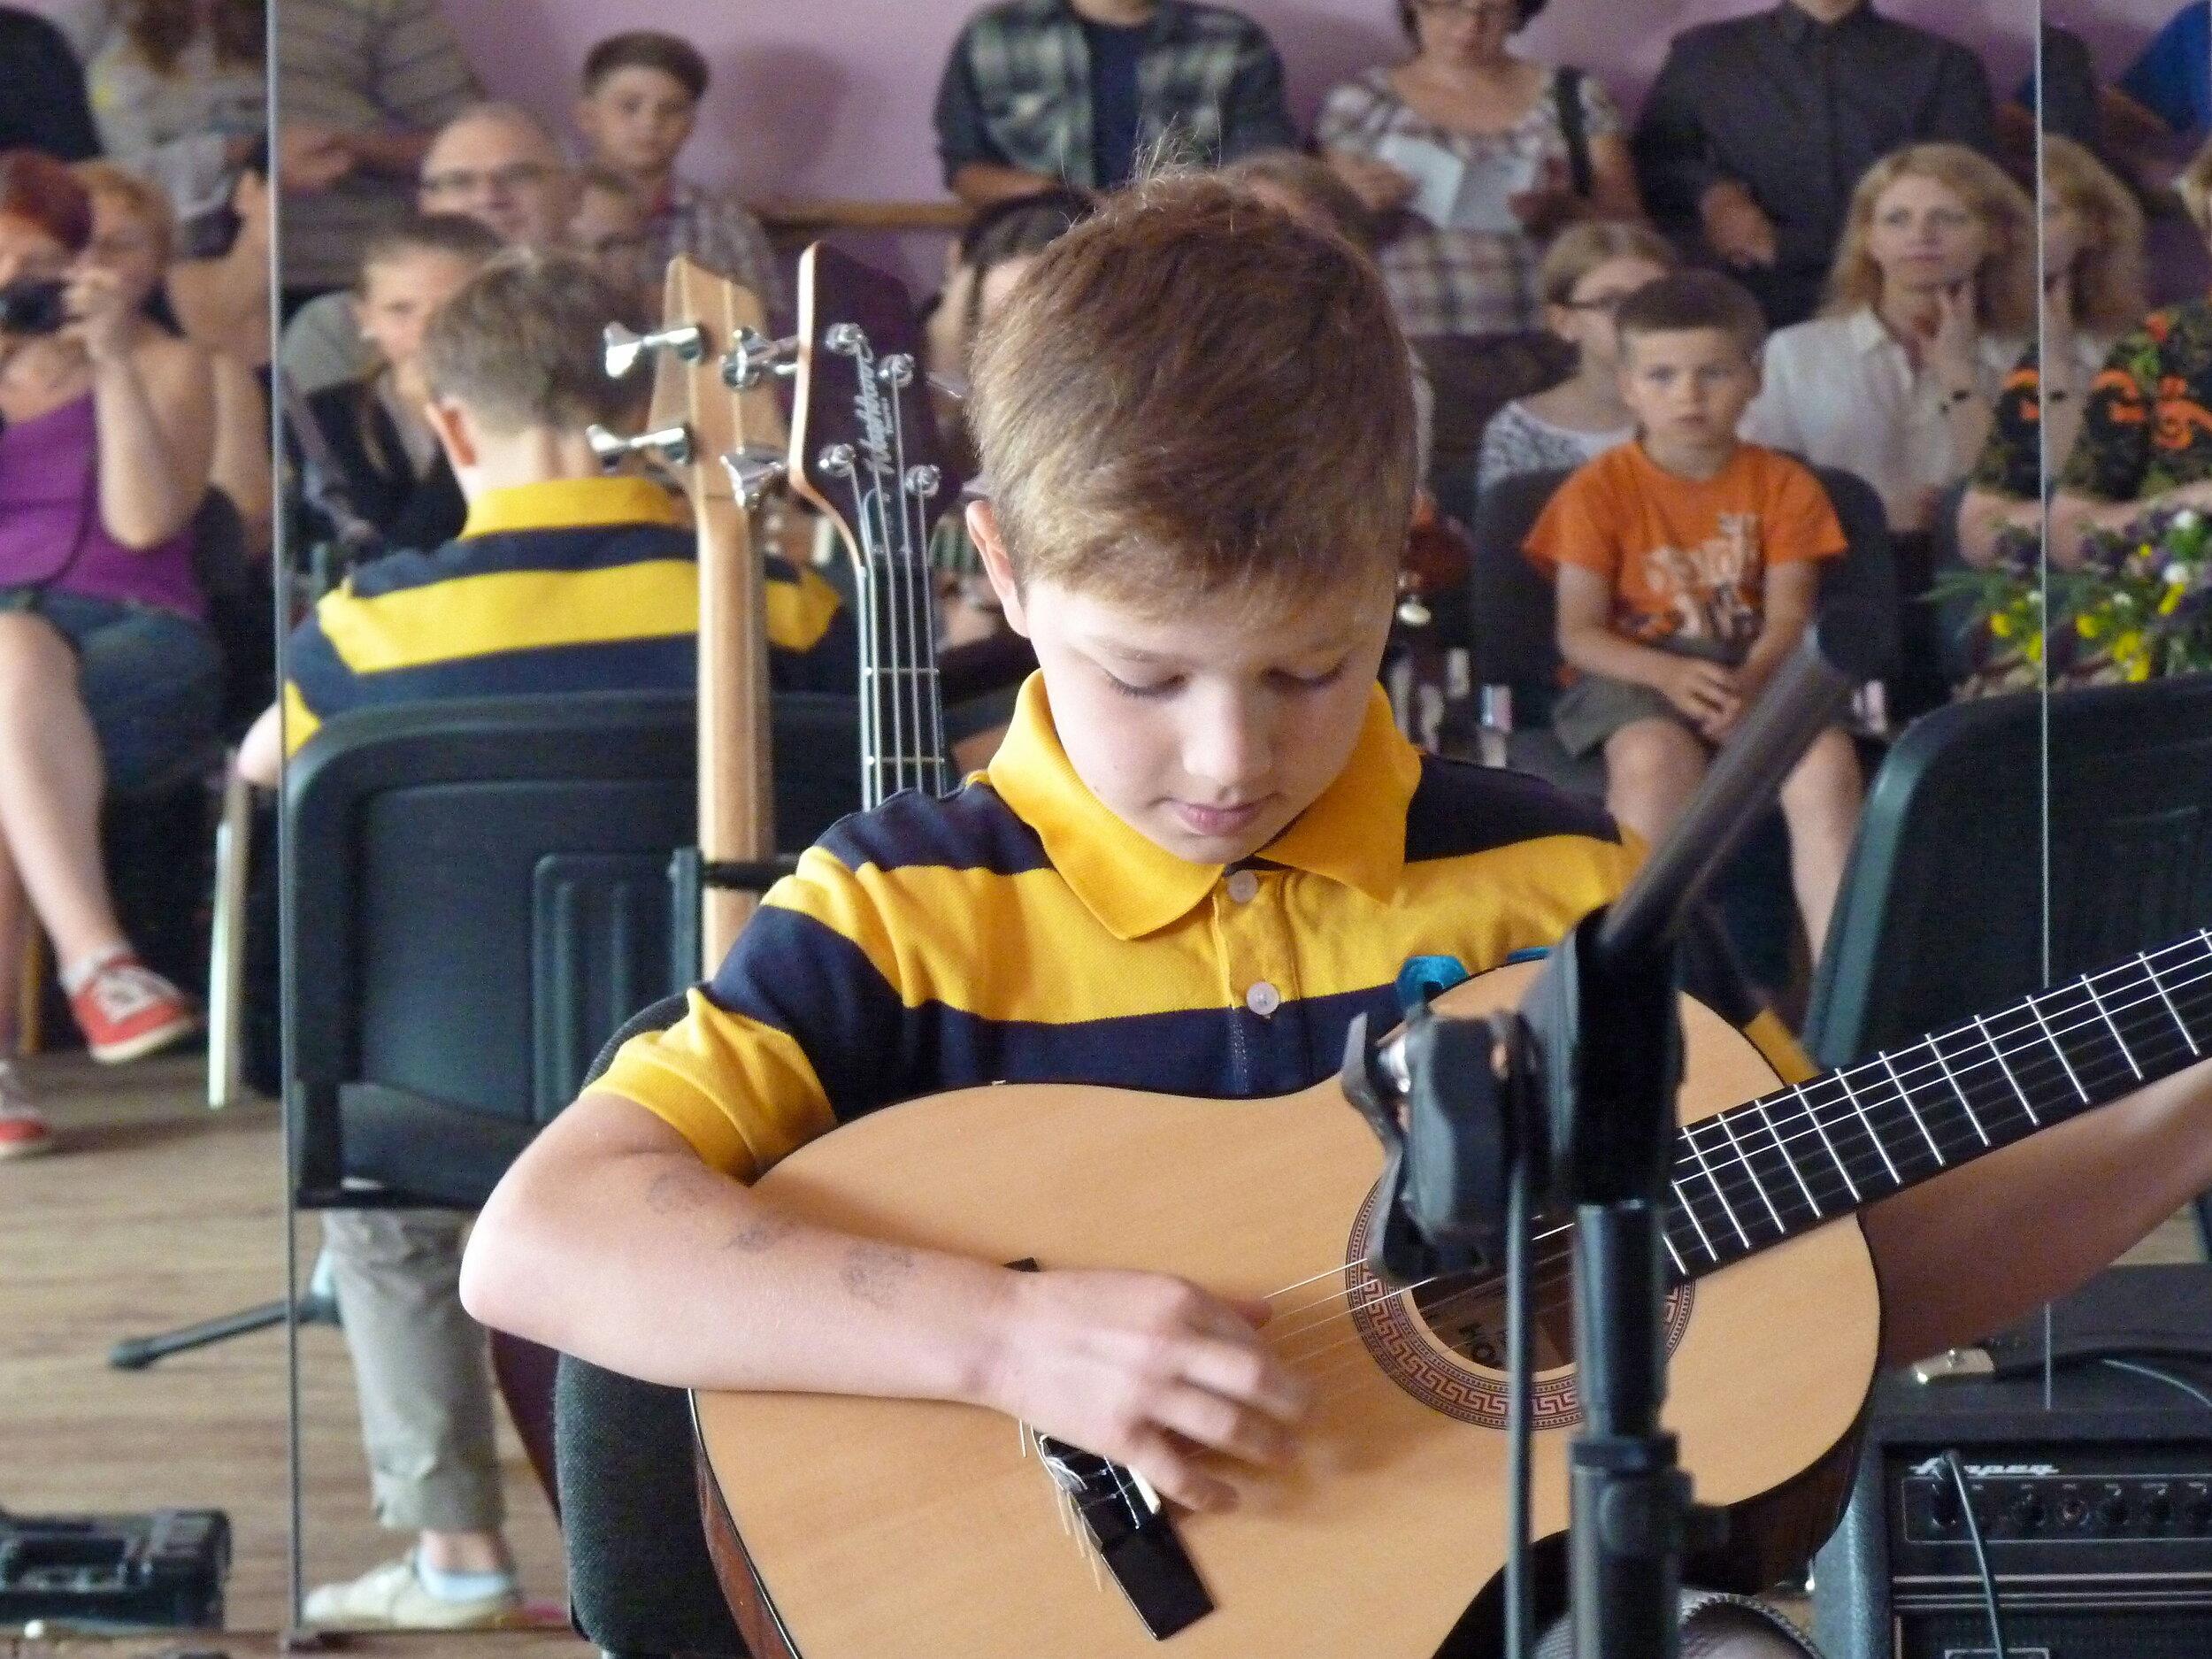 Tobulink grojimo, dainavimo įgūdžius - Šiuo metu kviečiame mokytis dainuoti, groti gitara, bosine gitara, mušamaisiais instrumentais.